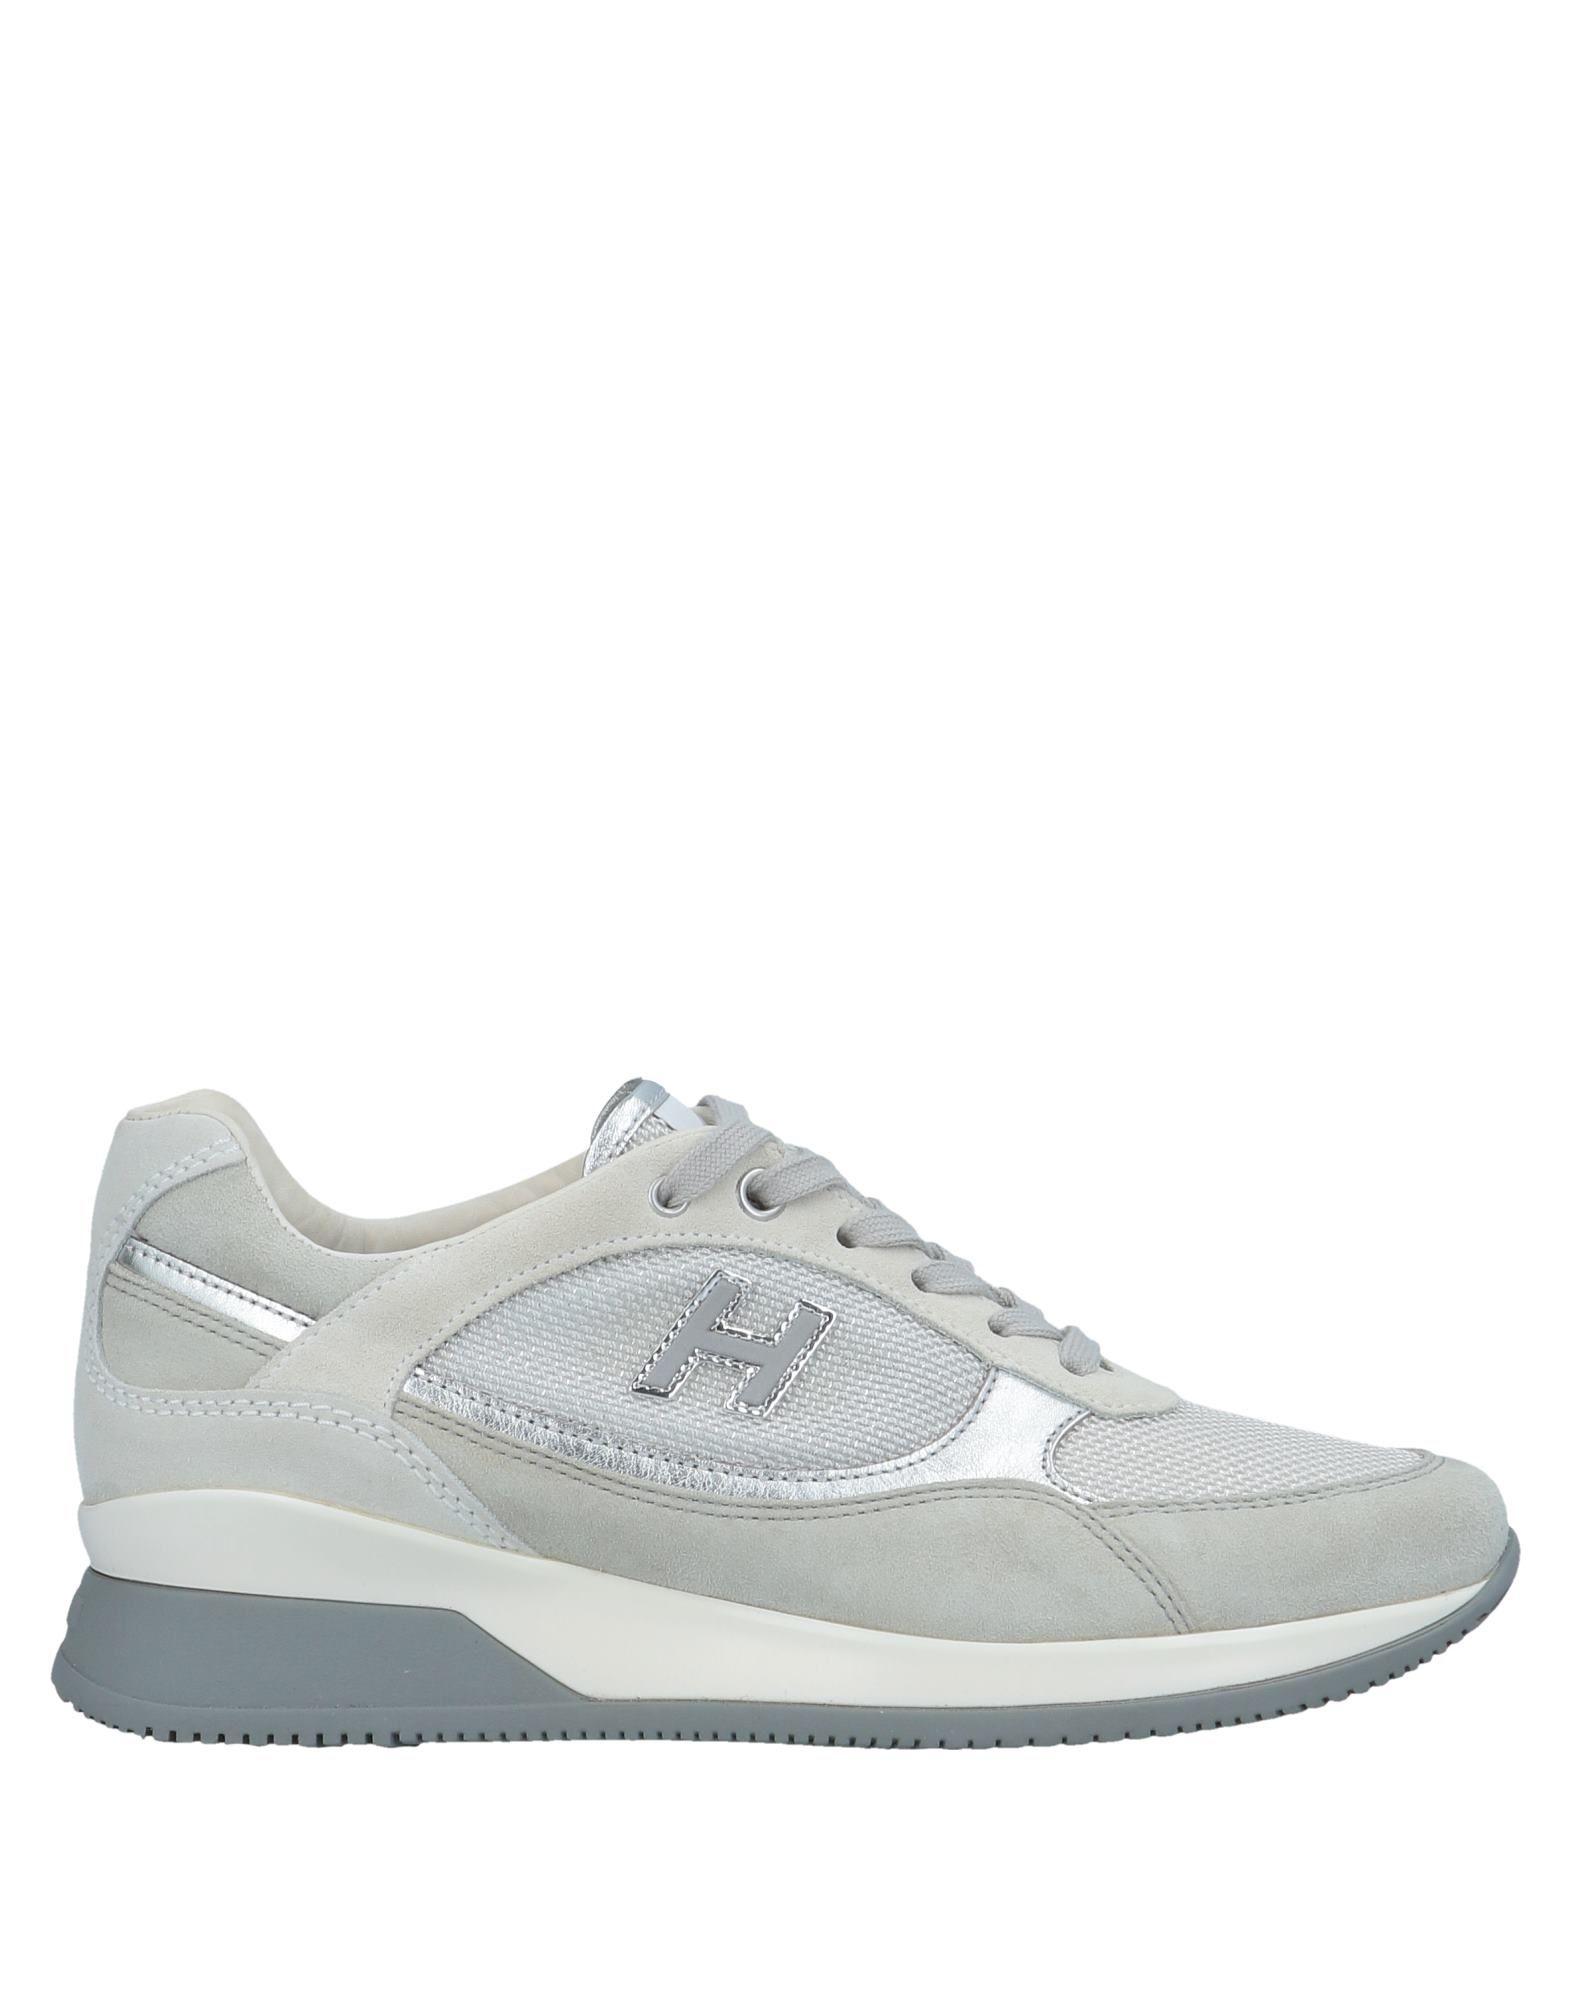 Hogan Sneakers - Women Hogan United Sneakers online on  United Hogan Kingdom - 11552165JG 061428